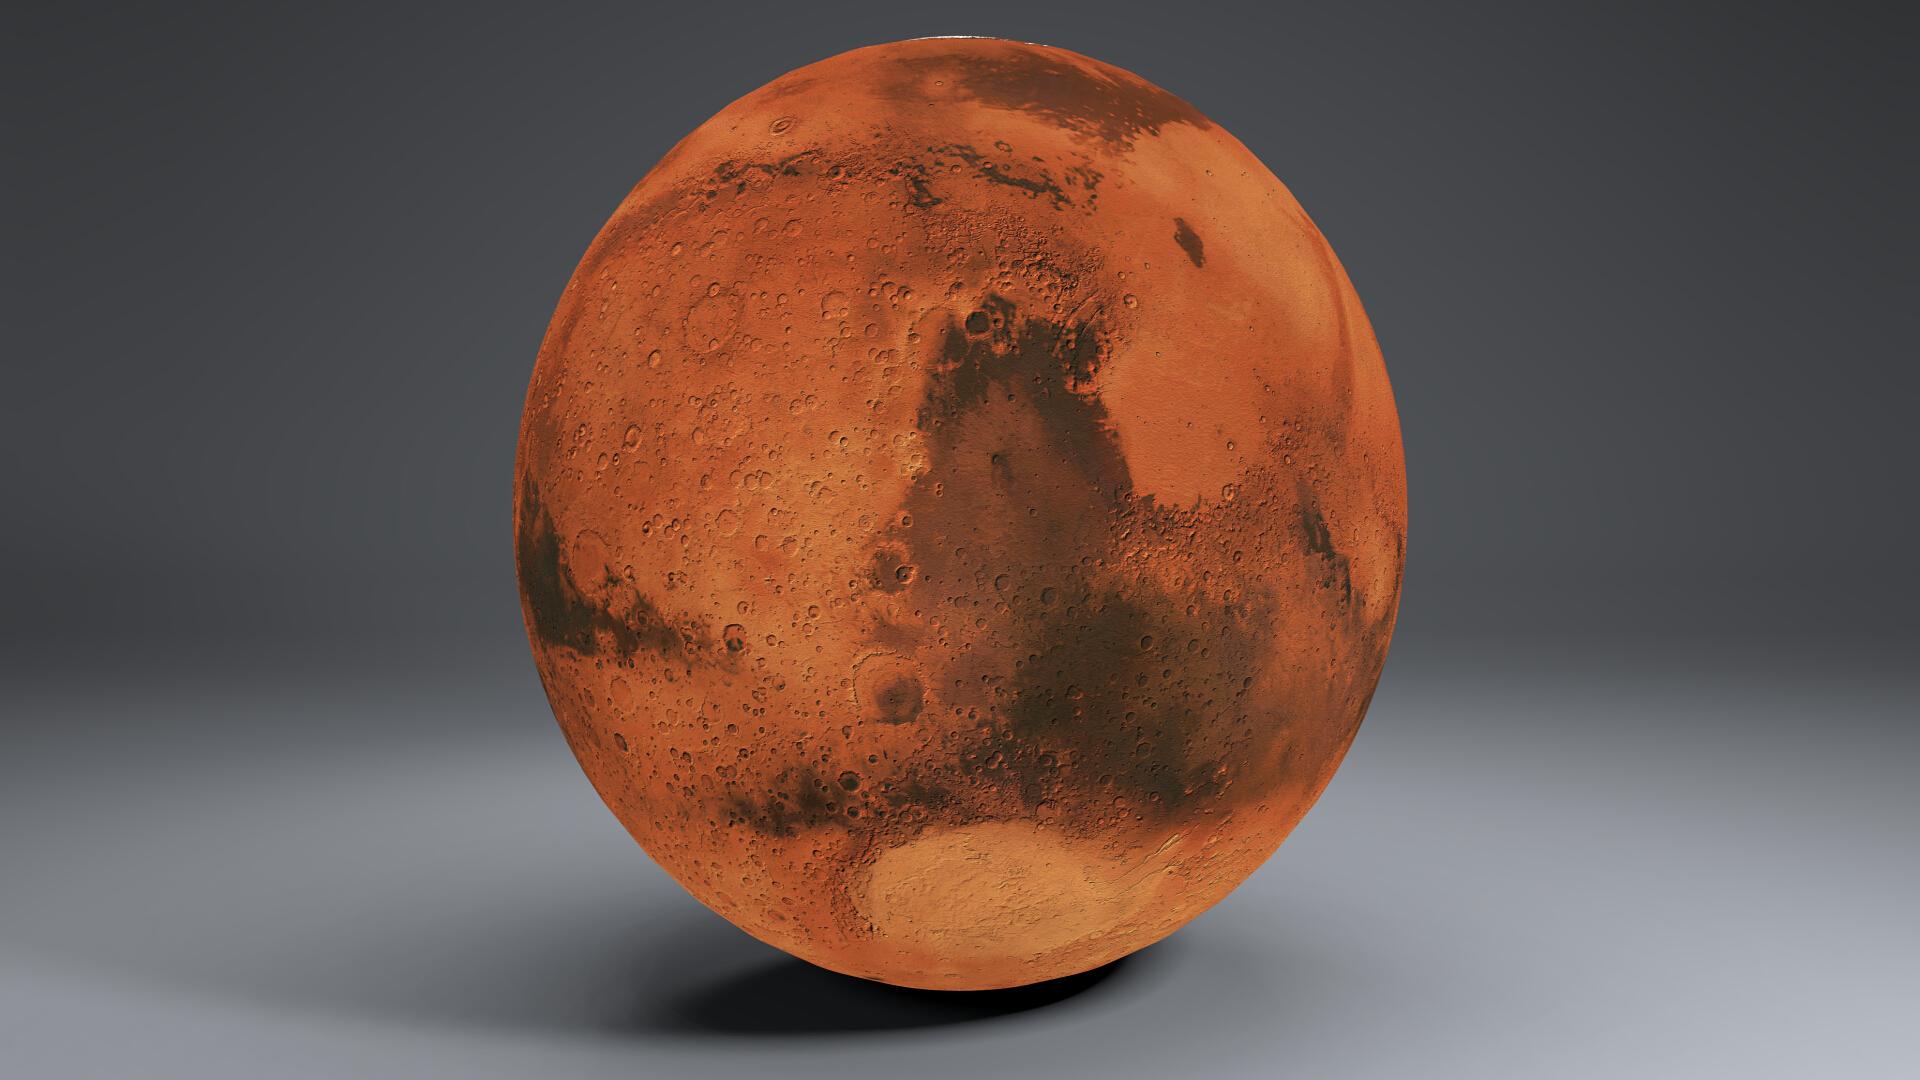 mars 8k globe 3d model 3ds fbx blend dae obj 223130